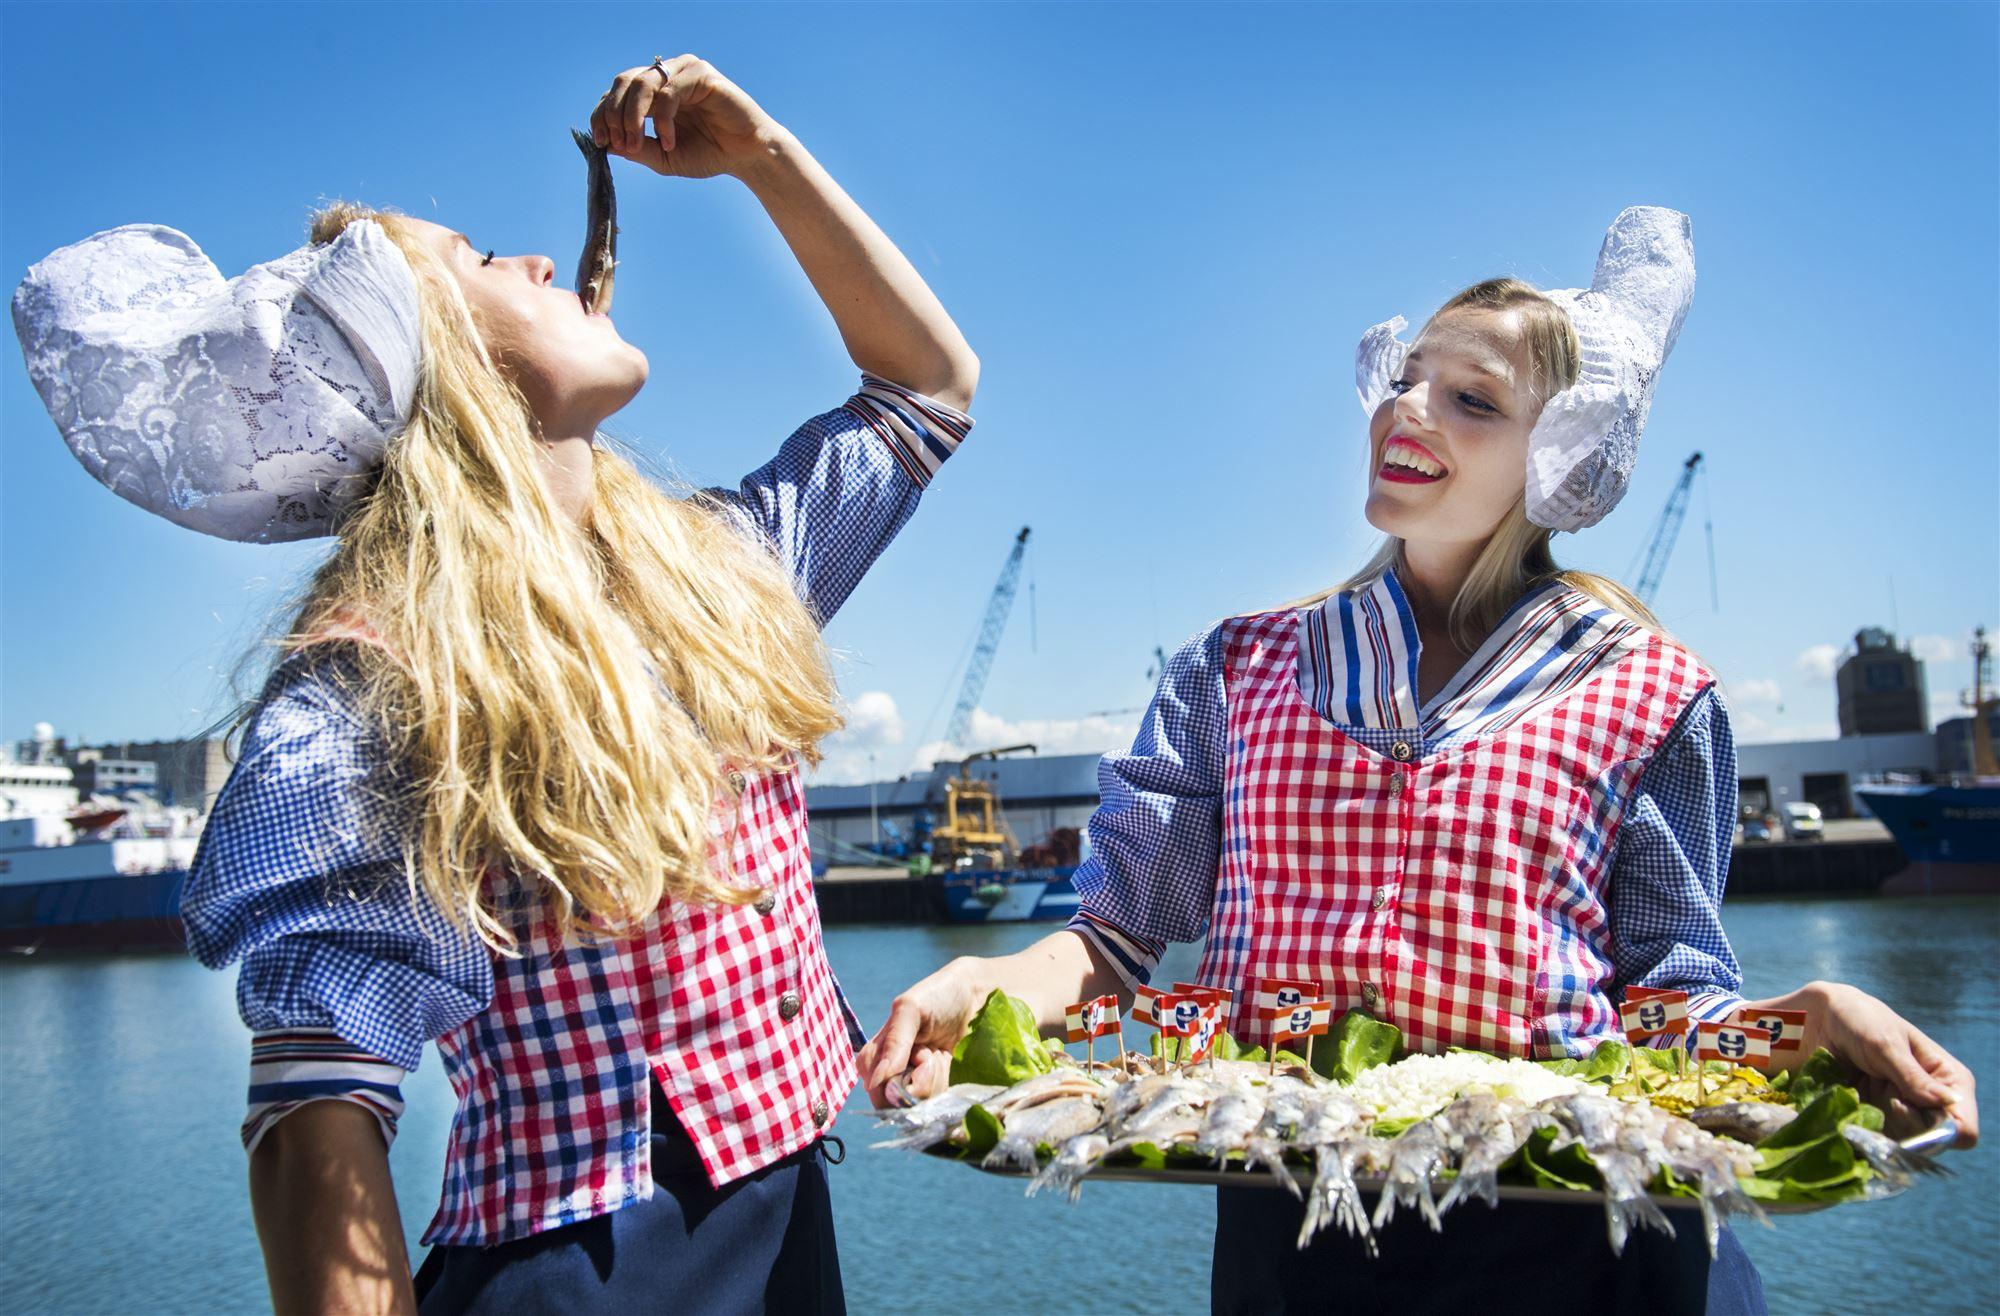 荷蘭第一人氣路邊攤 倒掛金鉤吃Haring